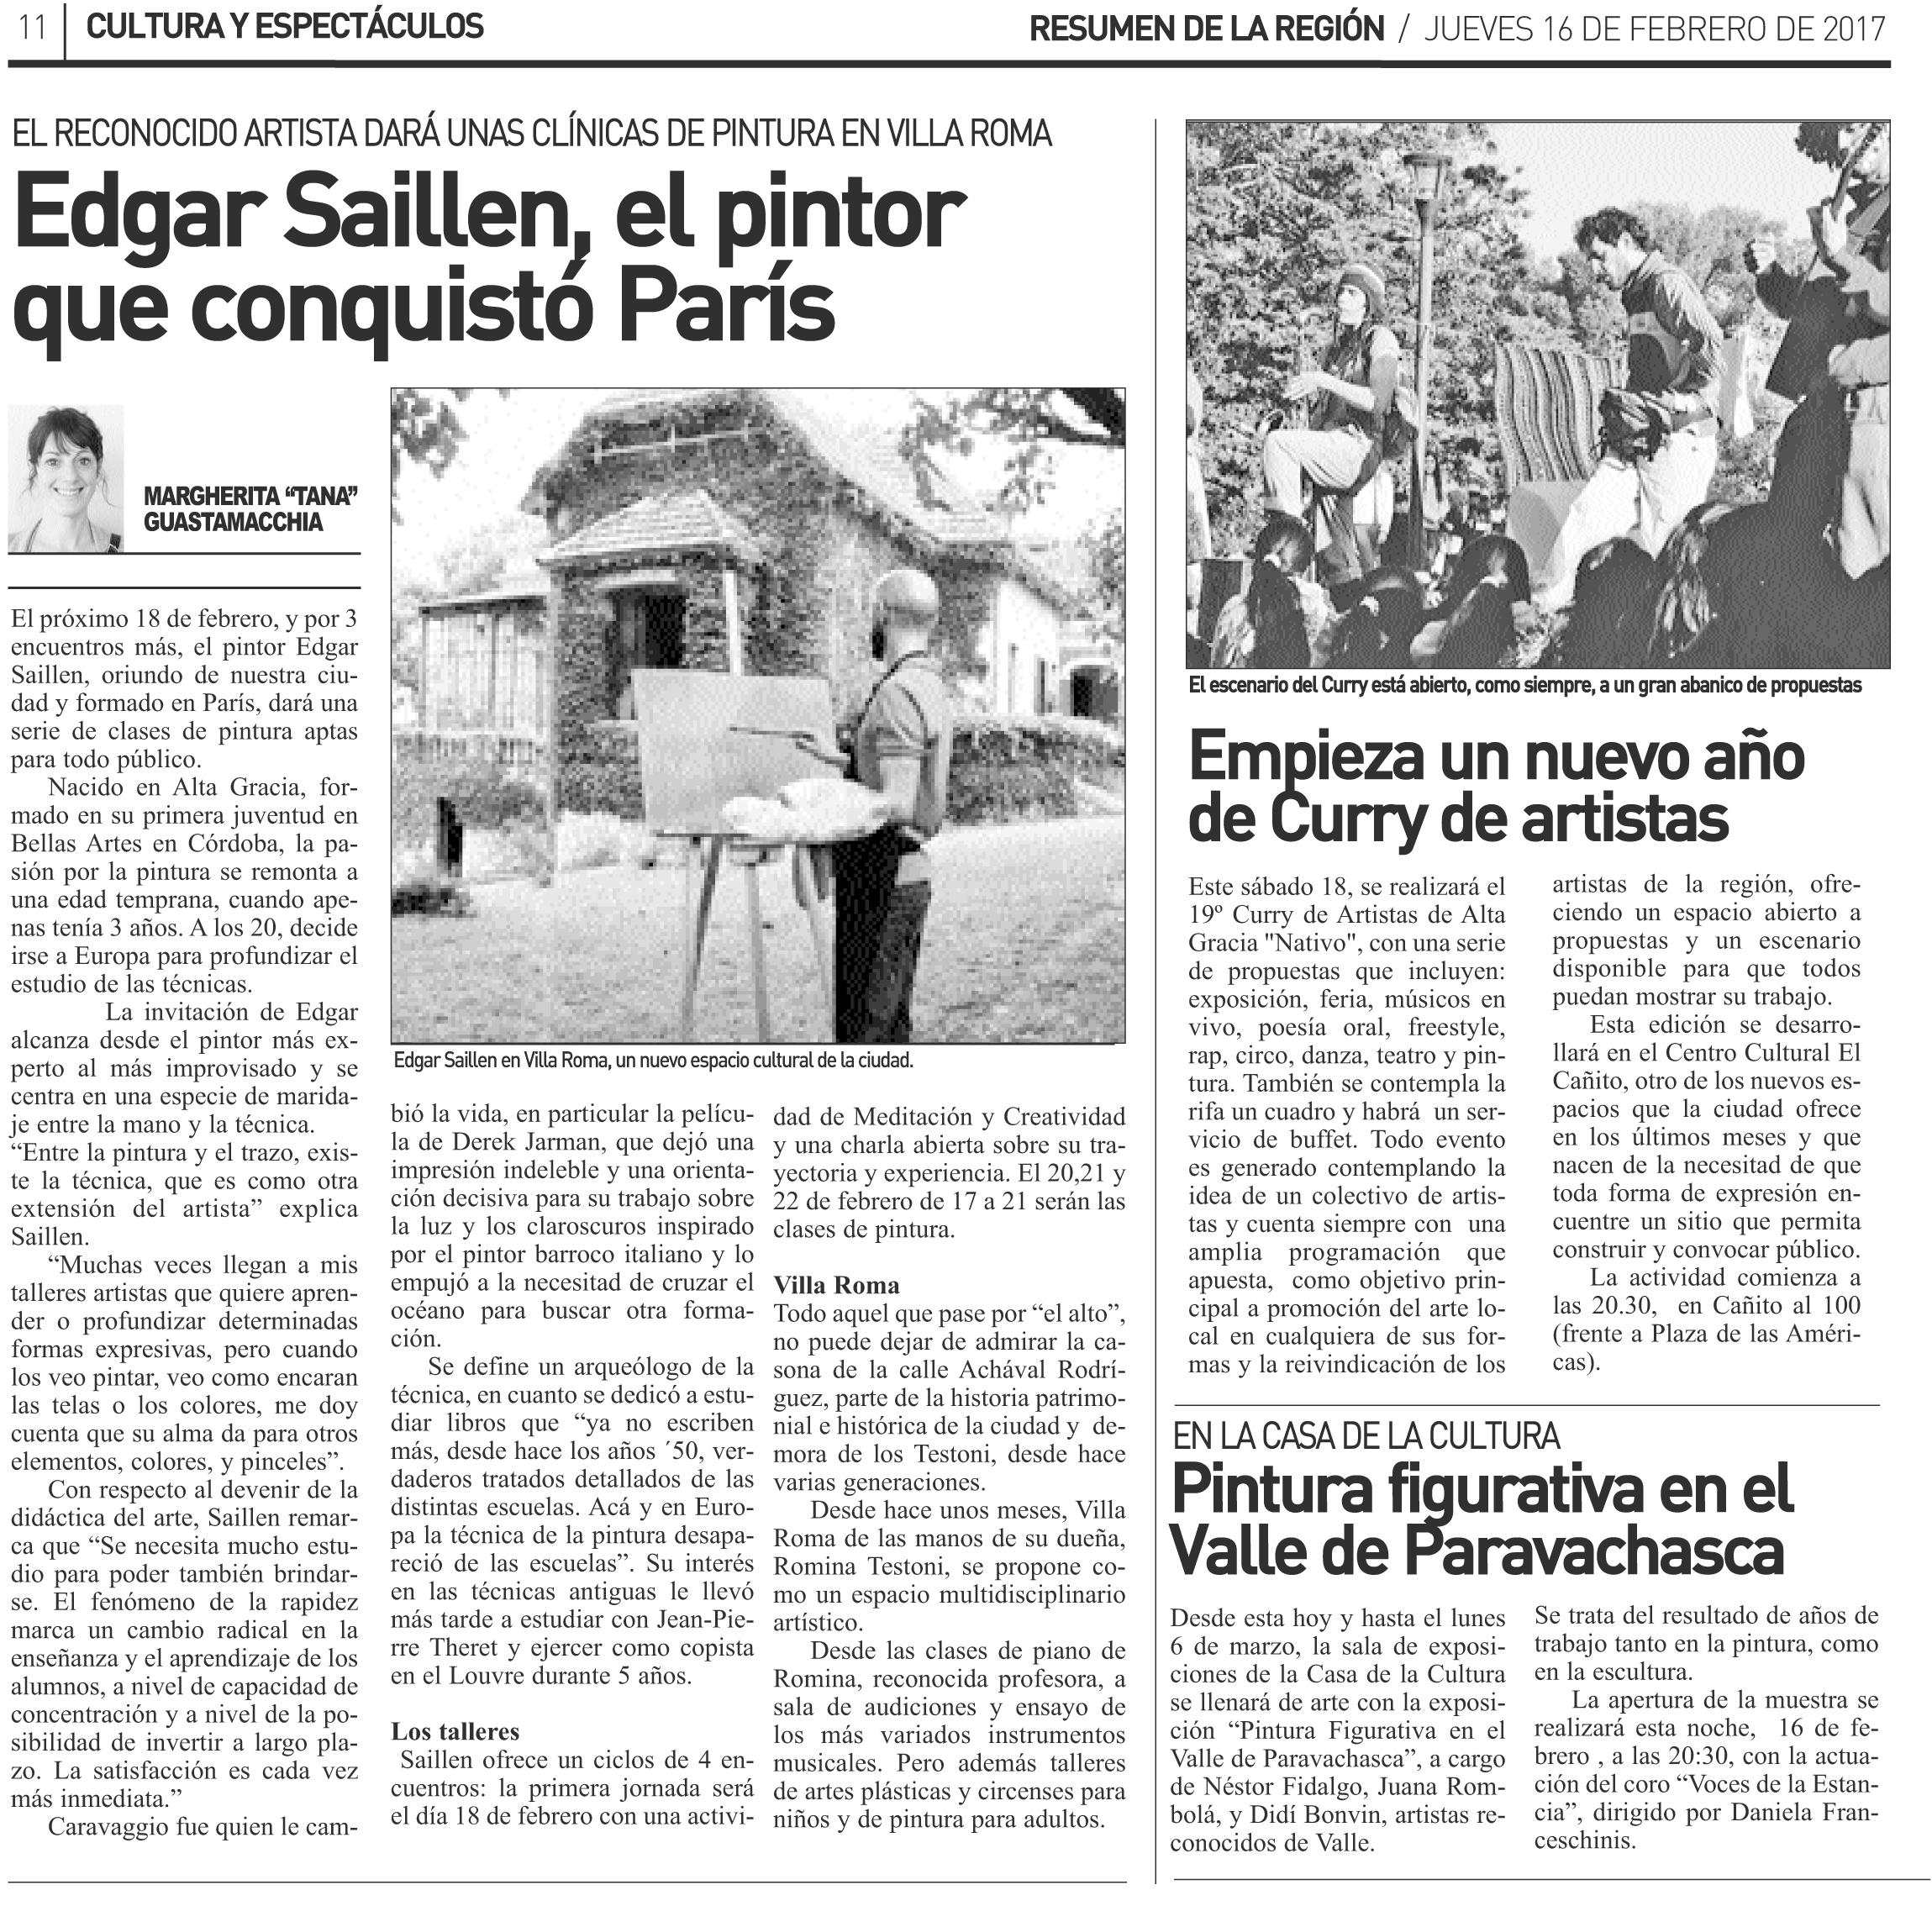 Diario Resumen Février 2017